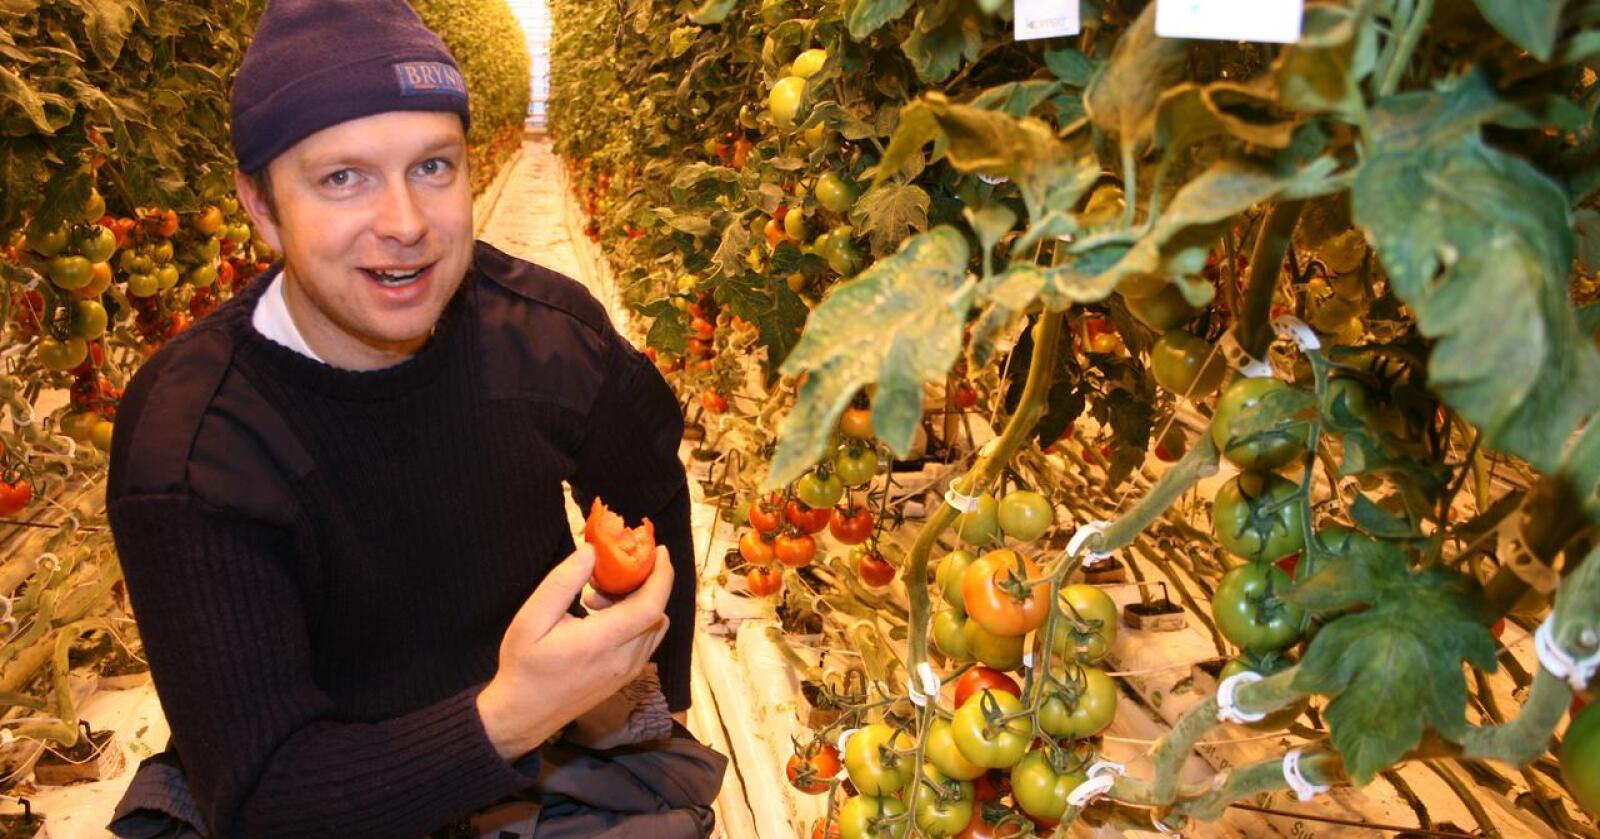 Straumsjokk: Tomatbonde og gartnar Jøran Wiig seier brukbare prisar på tomatar på langt nær dekker inn for den eksplosive veksten i energikostnadene. Til og med juli i år har energikostnadene til Wiig auka med 2,7 millionar kroner. Her frå ein del år tilbake då han investerte 25 millionar kroner i større veksthus. Foto: Bjarne Bekkeheien Aase